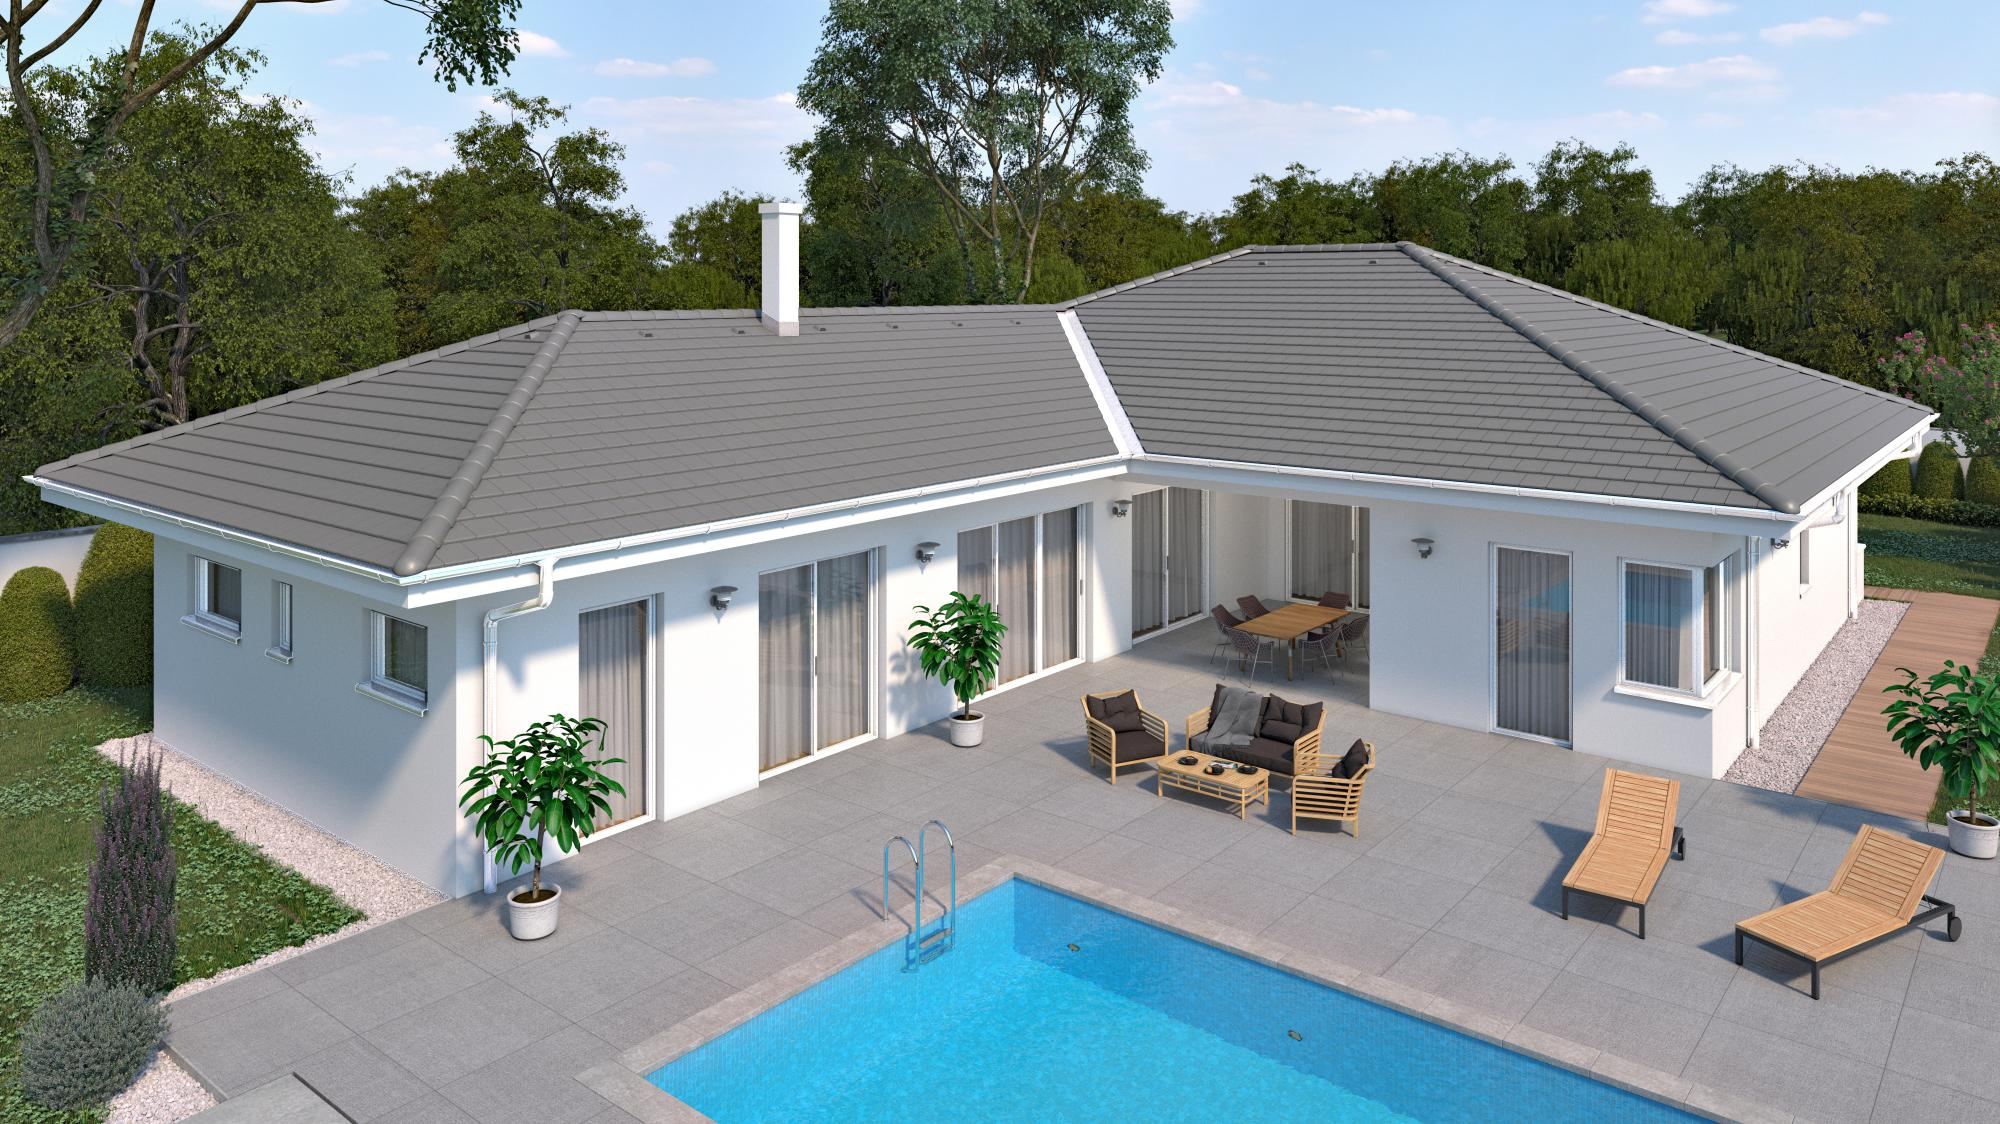 Vygenerovaný obrázok domu podľa konfigurácie